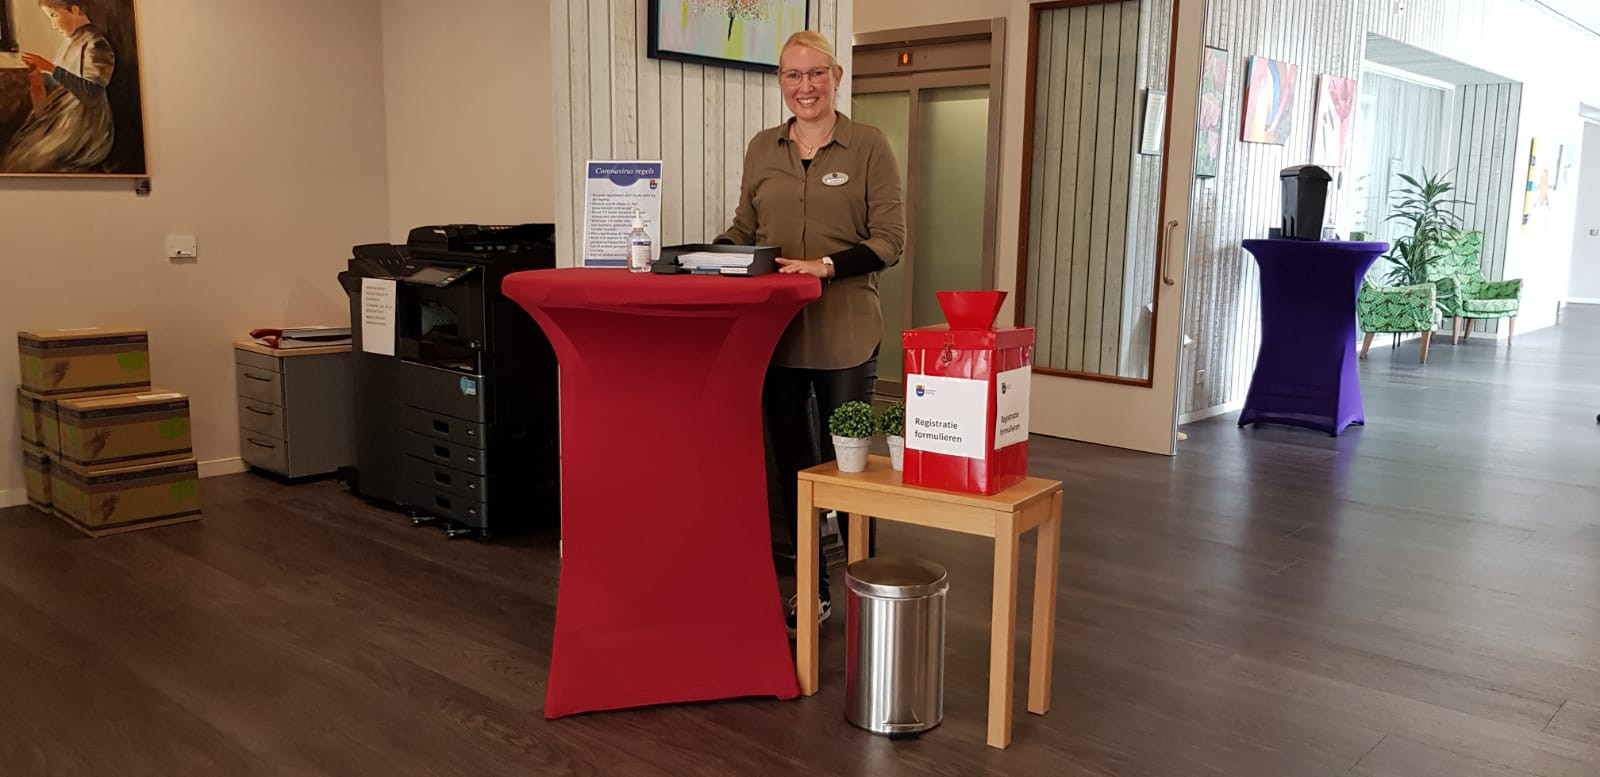 Horecamedewerker Angelique Oldewening is nu gastvrouw in woonzorgcentrum De Kaap in Hoogeveen.